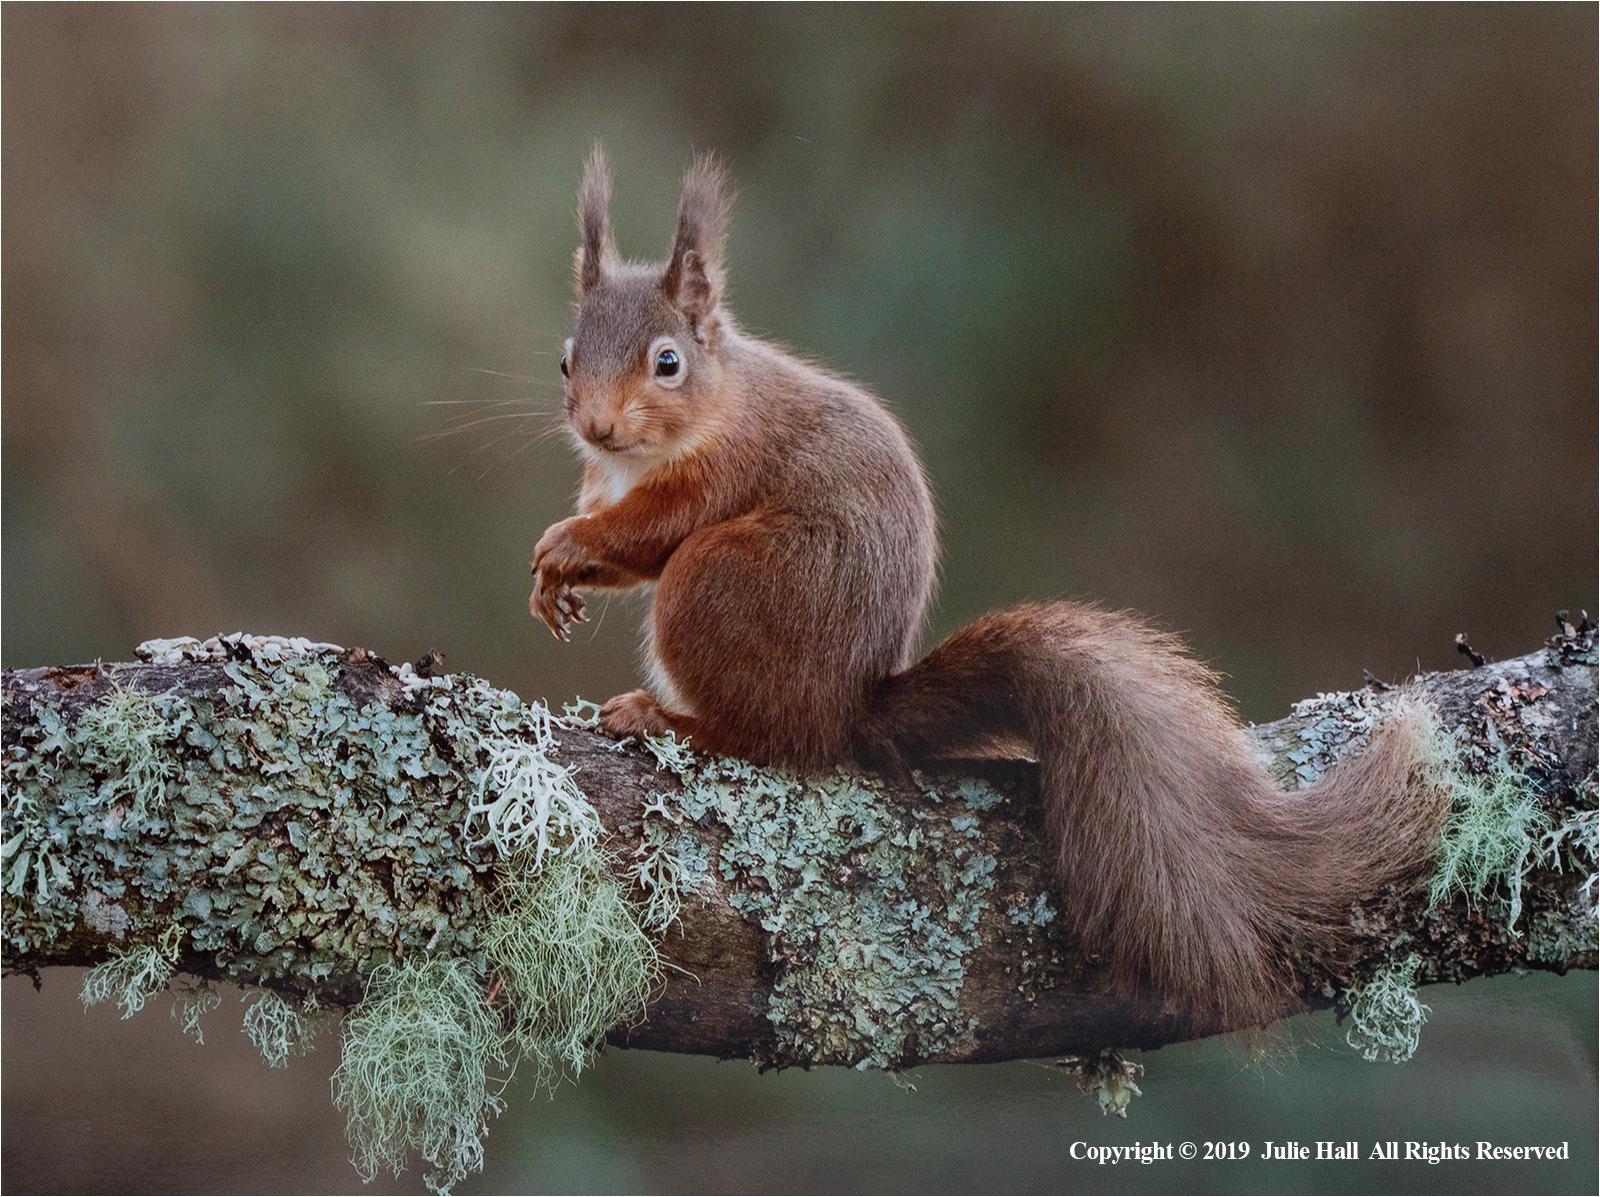 Red Squirrel on Lichen by Julie Hall